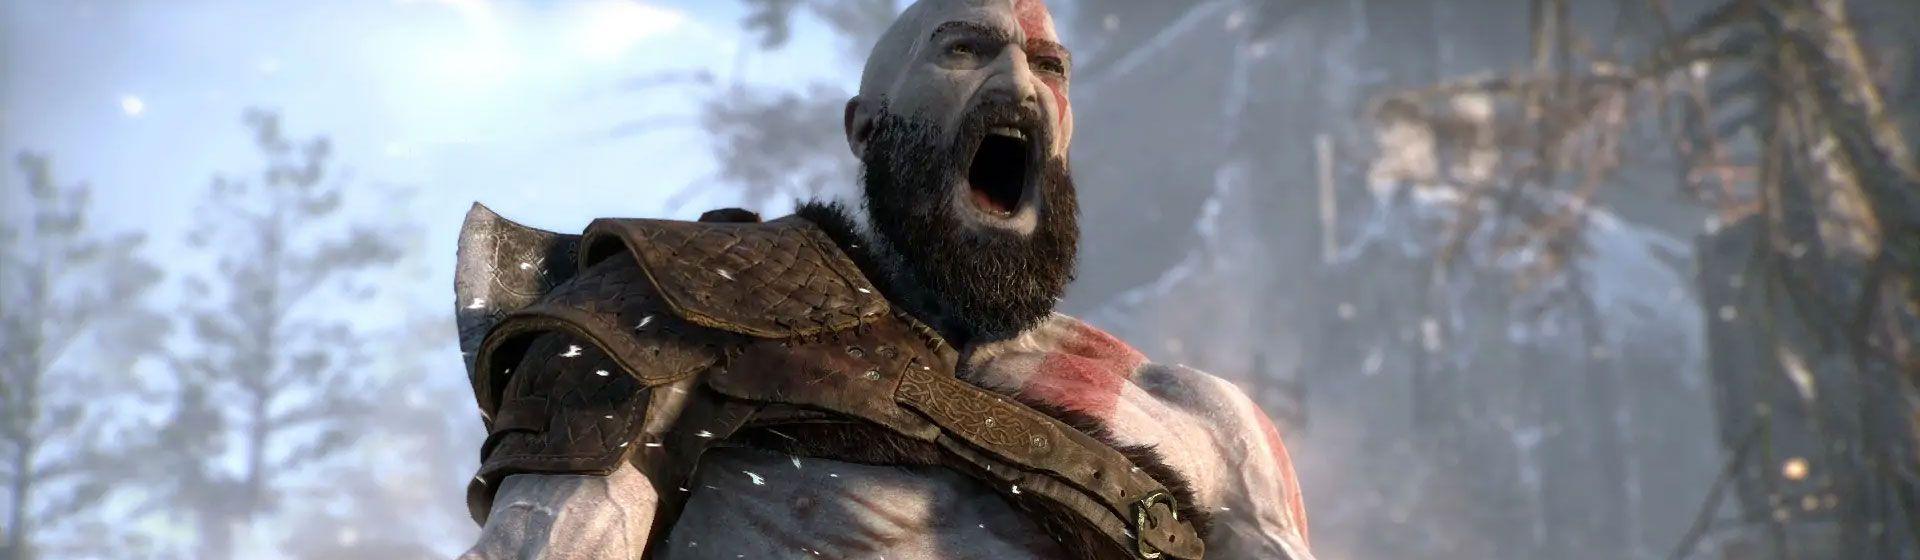 Novo God of War pode ser lançado para PS4 e PS5, segundo rumor